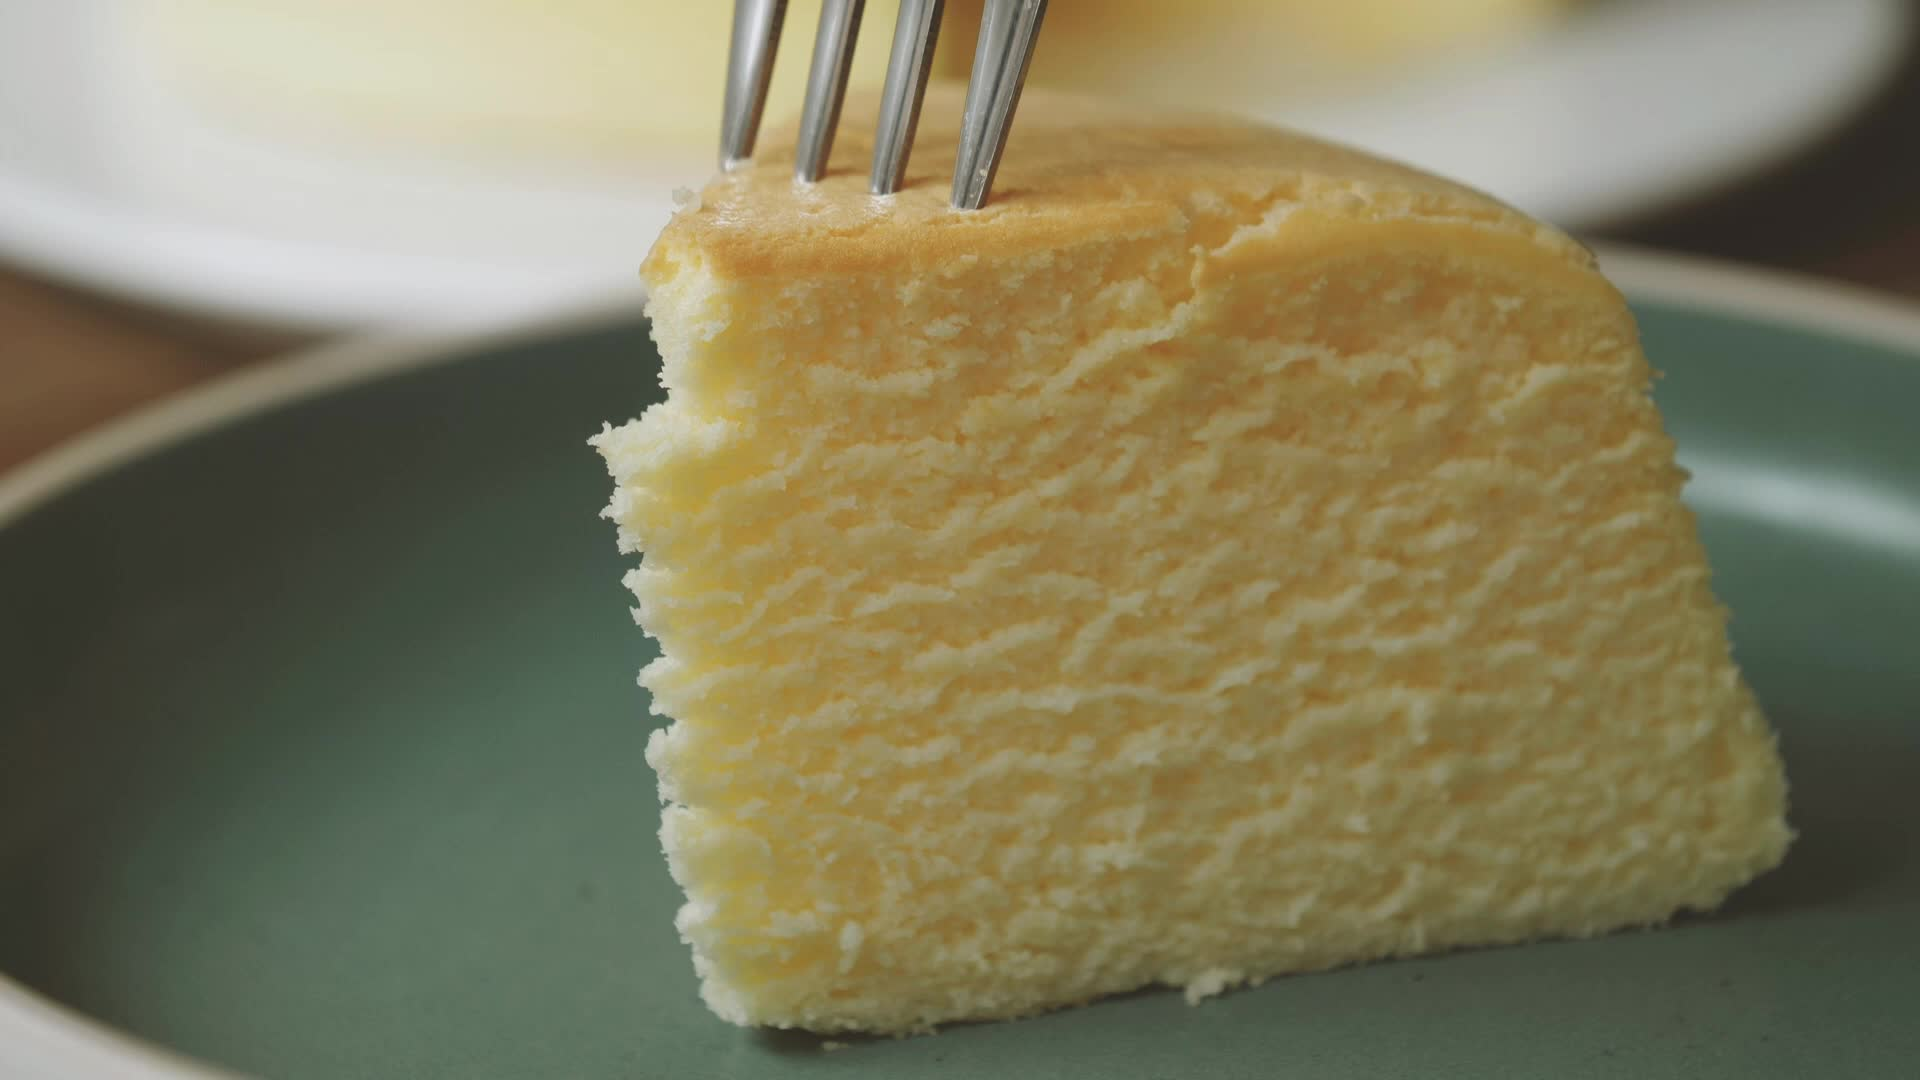 想吃芝士蛋糕不用买,自己在家就能做,方法简单,松软可口超好吃